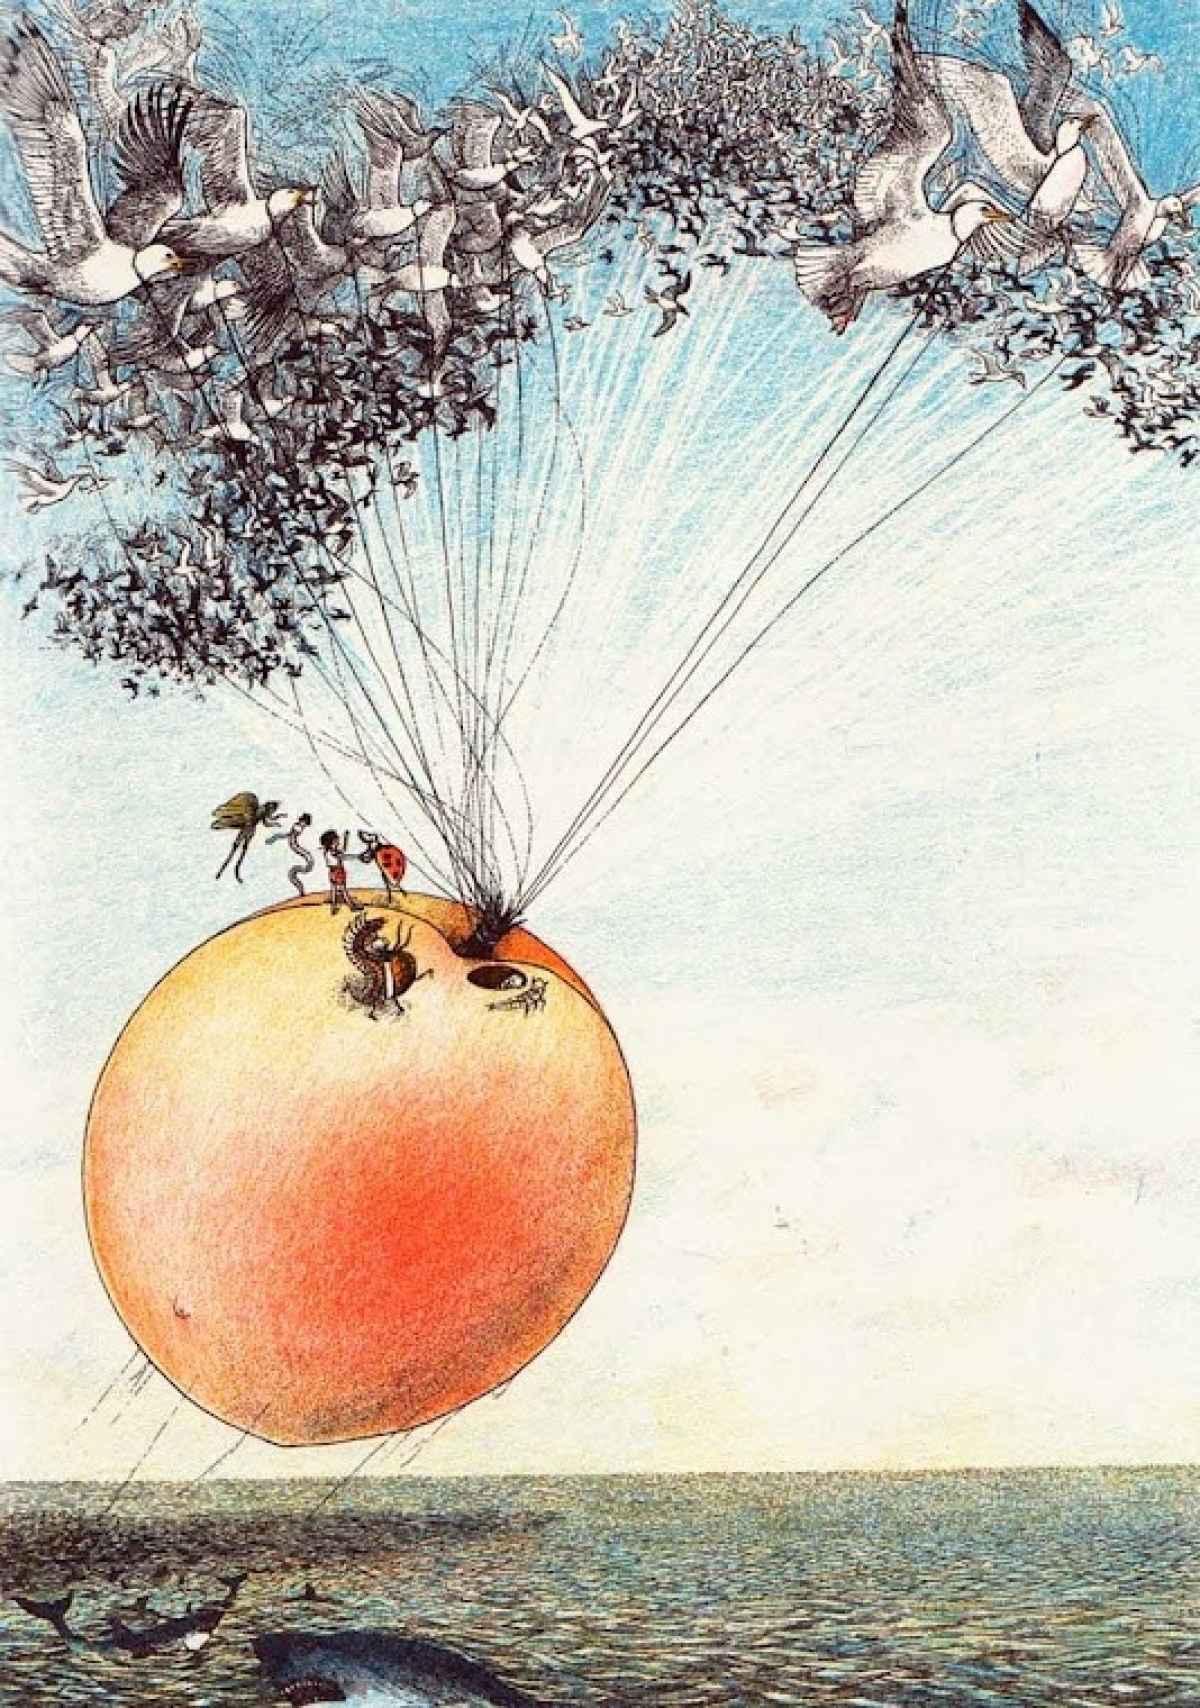 Illustration by Nancy Ekholm Burkert